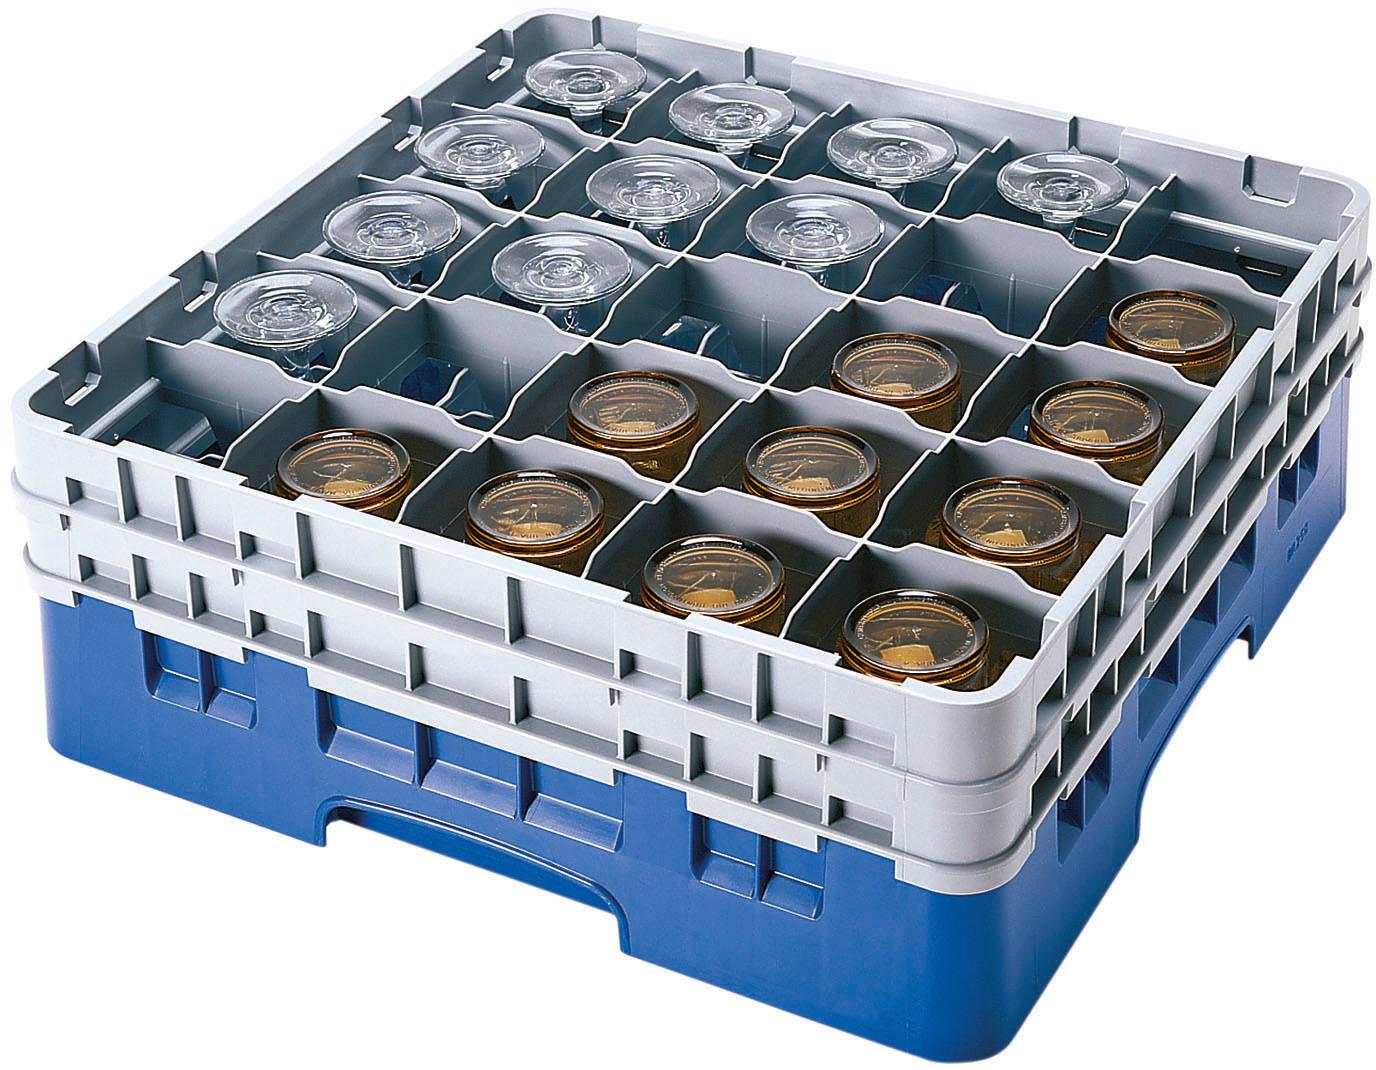 Gläserspülkorb 16 x bis 174 mm Glashöhe 500 x 500 x 225 mm blau